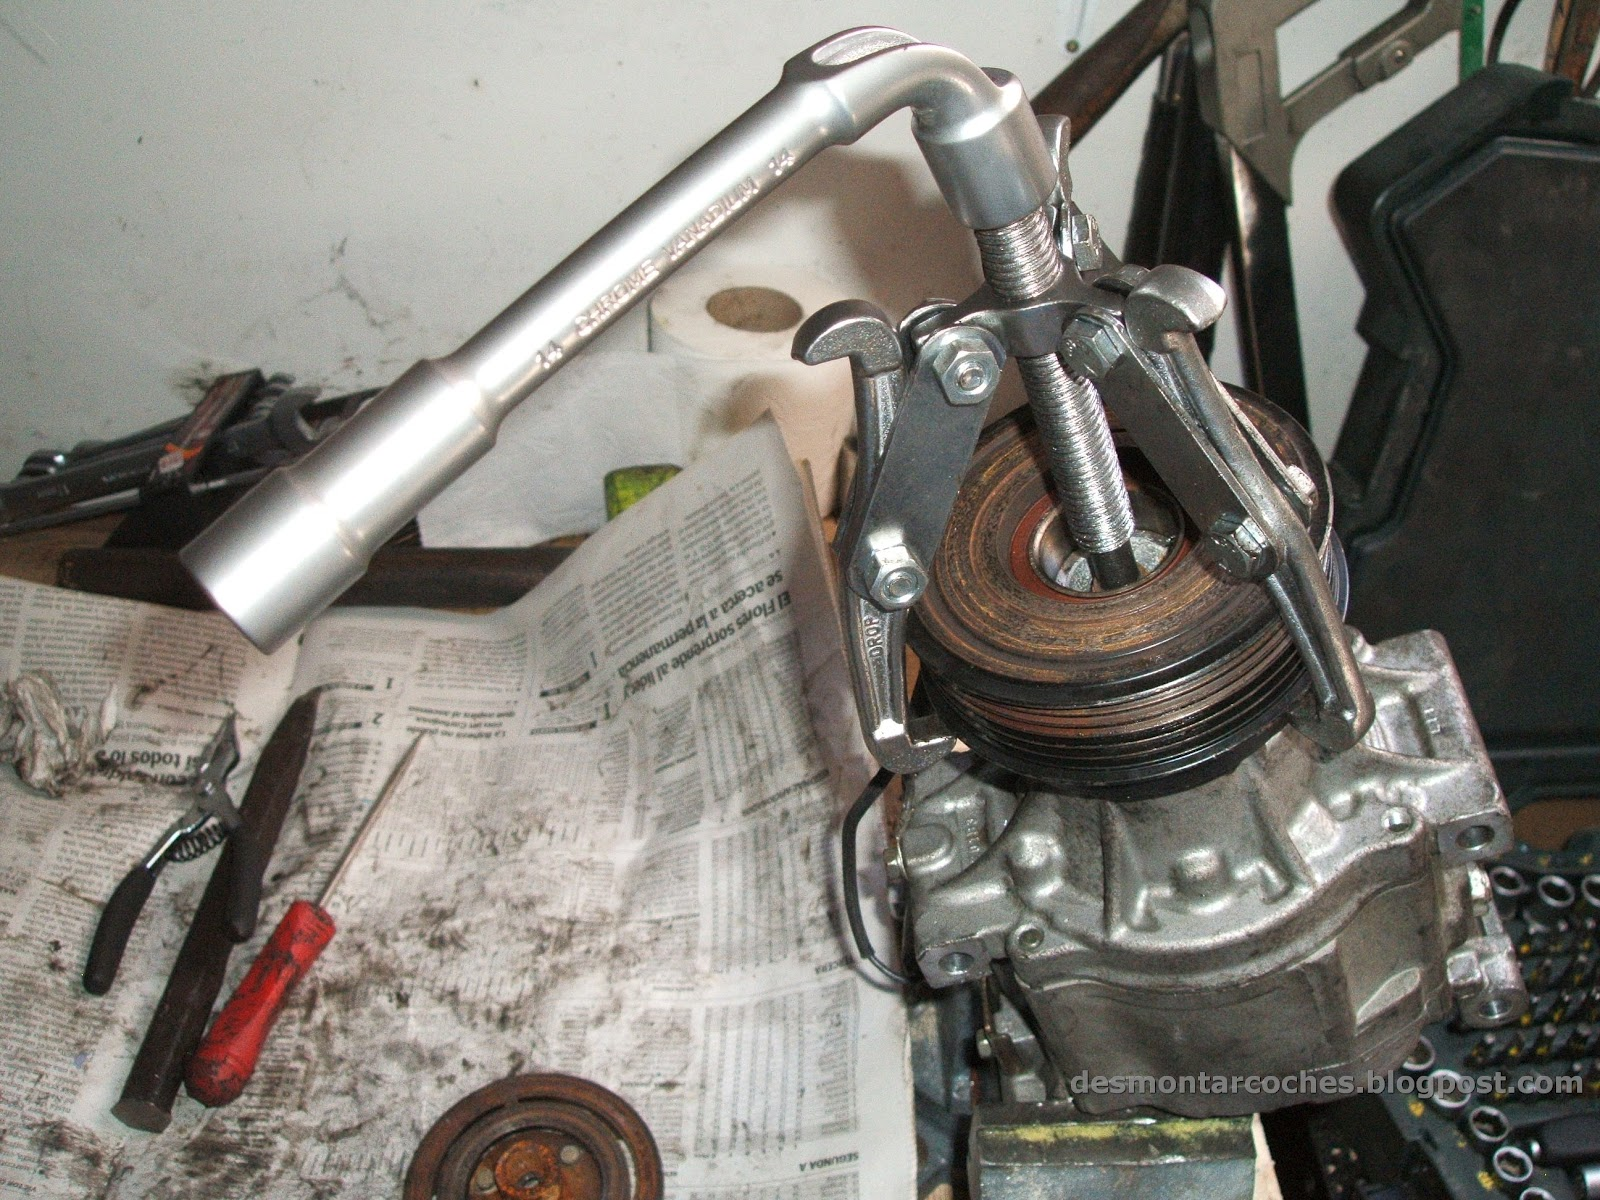 Read more Desmontar polea compresor aire acondicionado #63483D